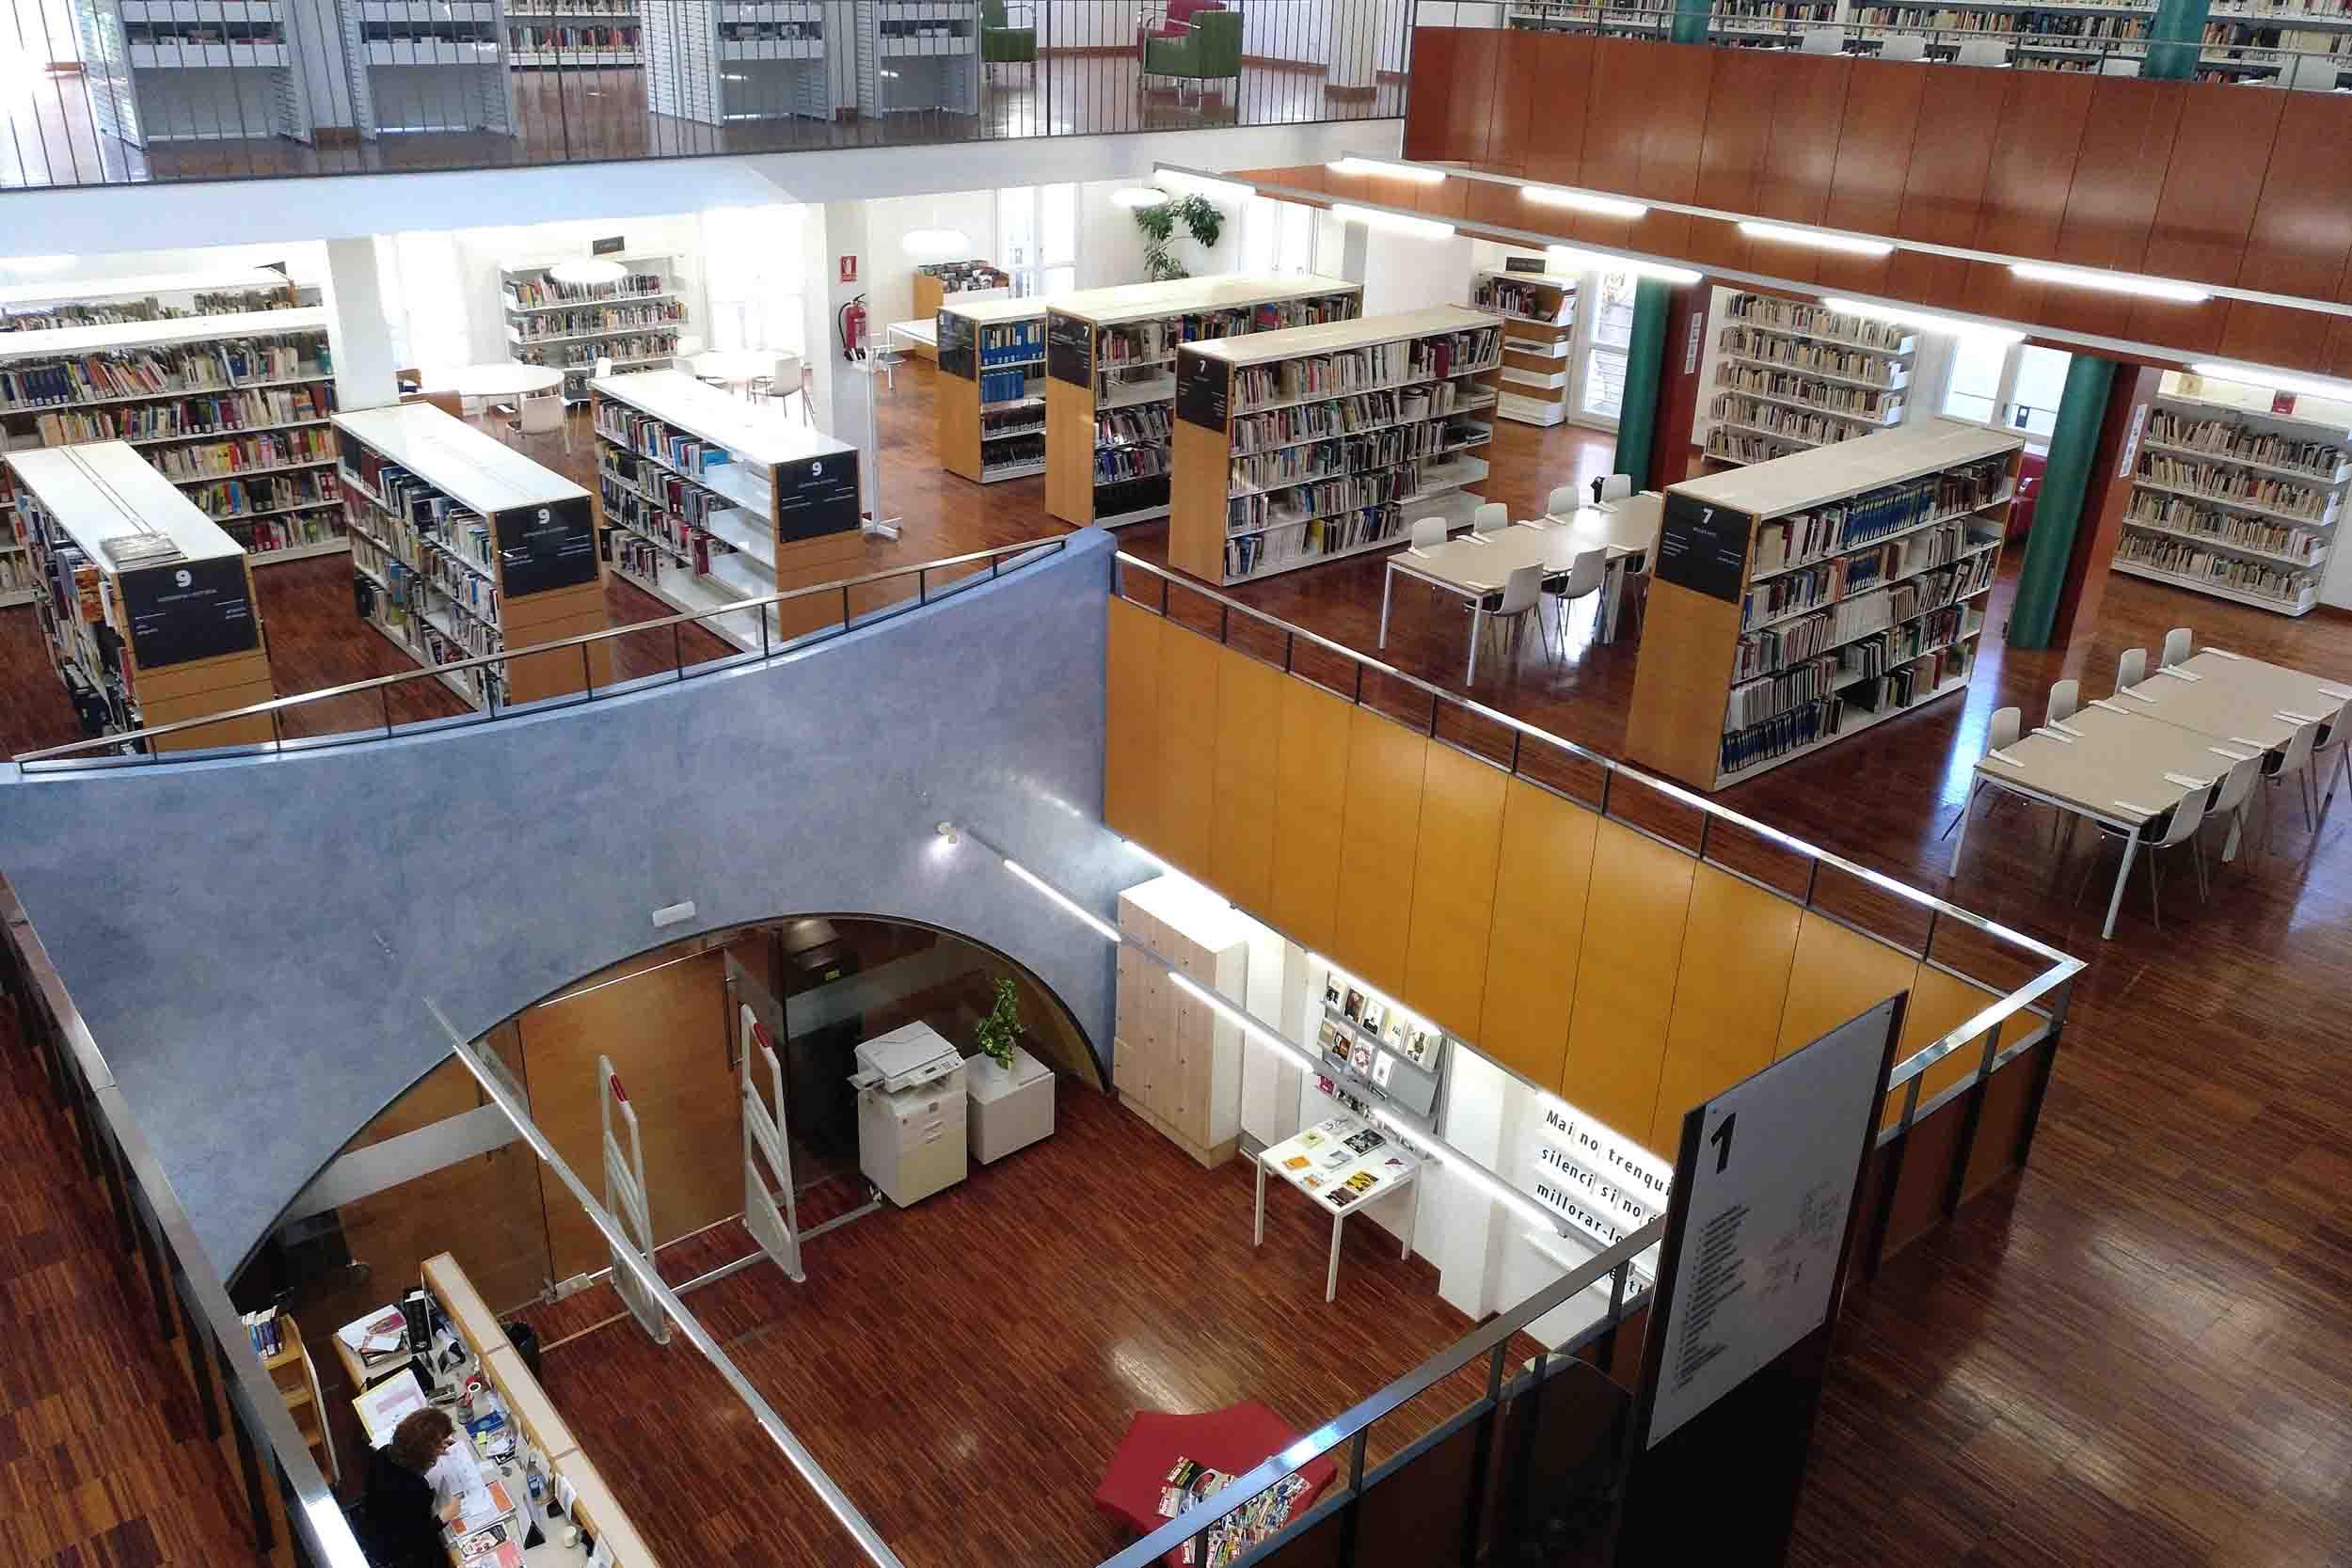 La Biblioteca Comarcal de Tàrrega organitza diverses activitats per celebra el seu 25è aniversari